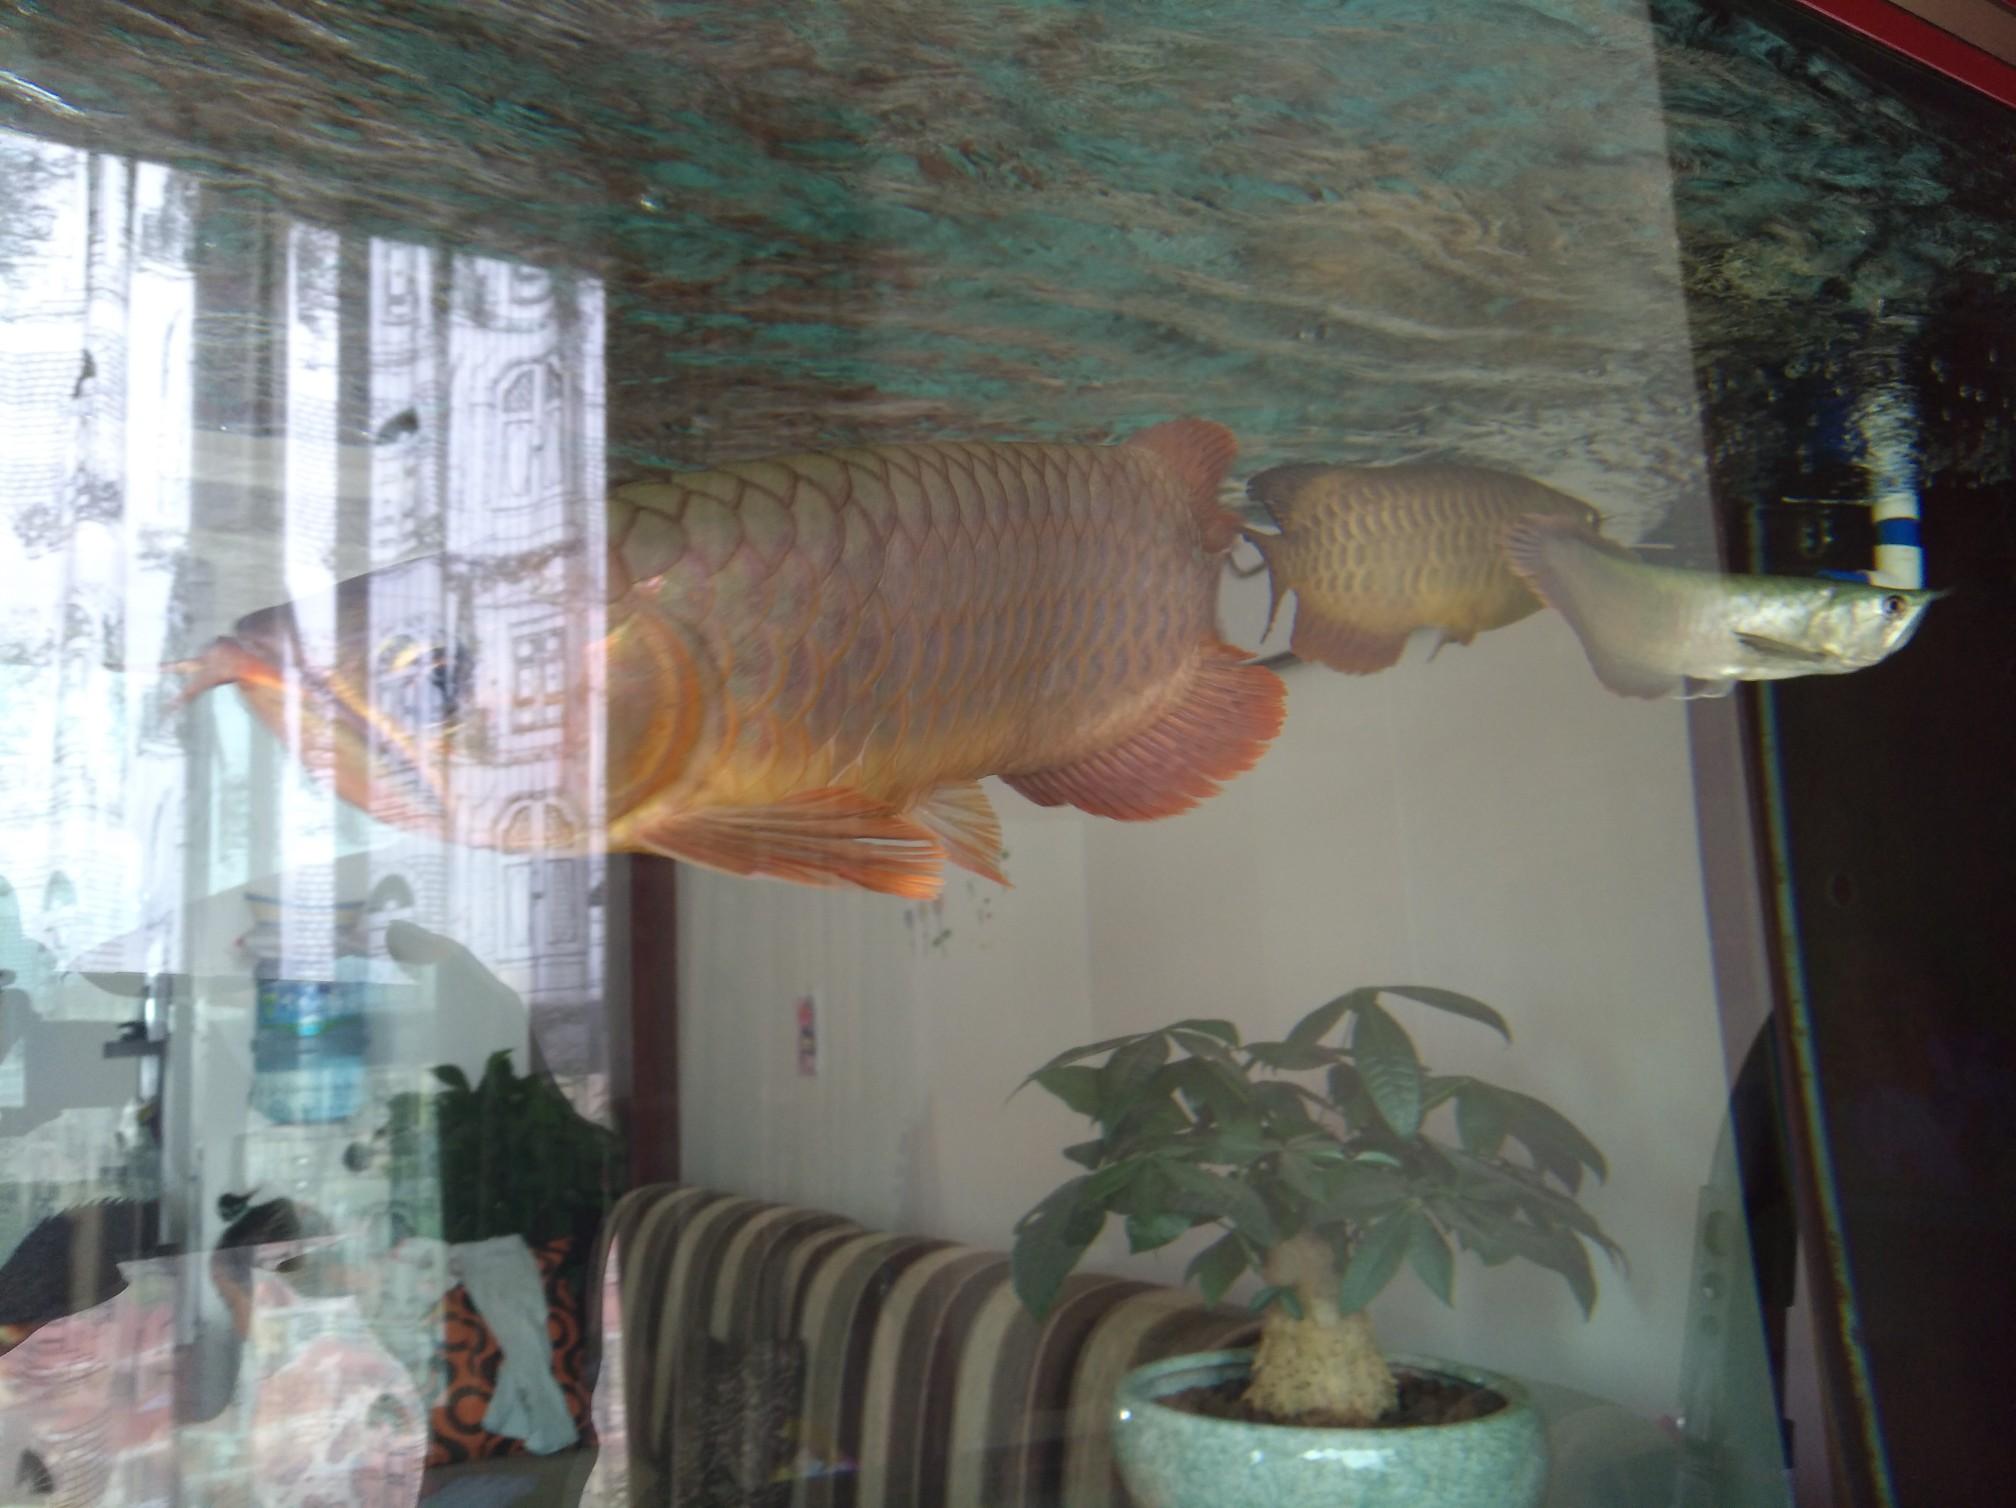 【西安黑桃A鱼】自然光透缸努力发色中 西安观赏鱼信息 西安博特第3张